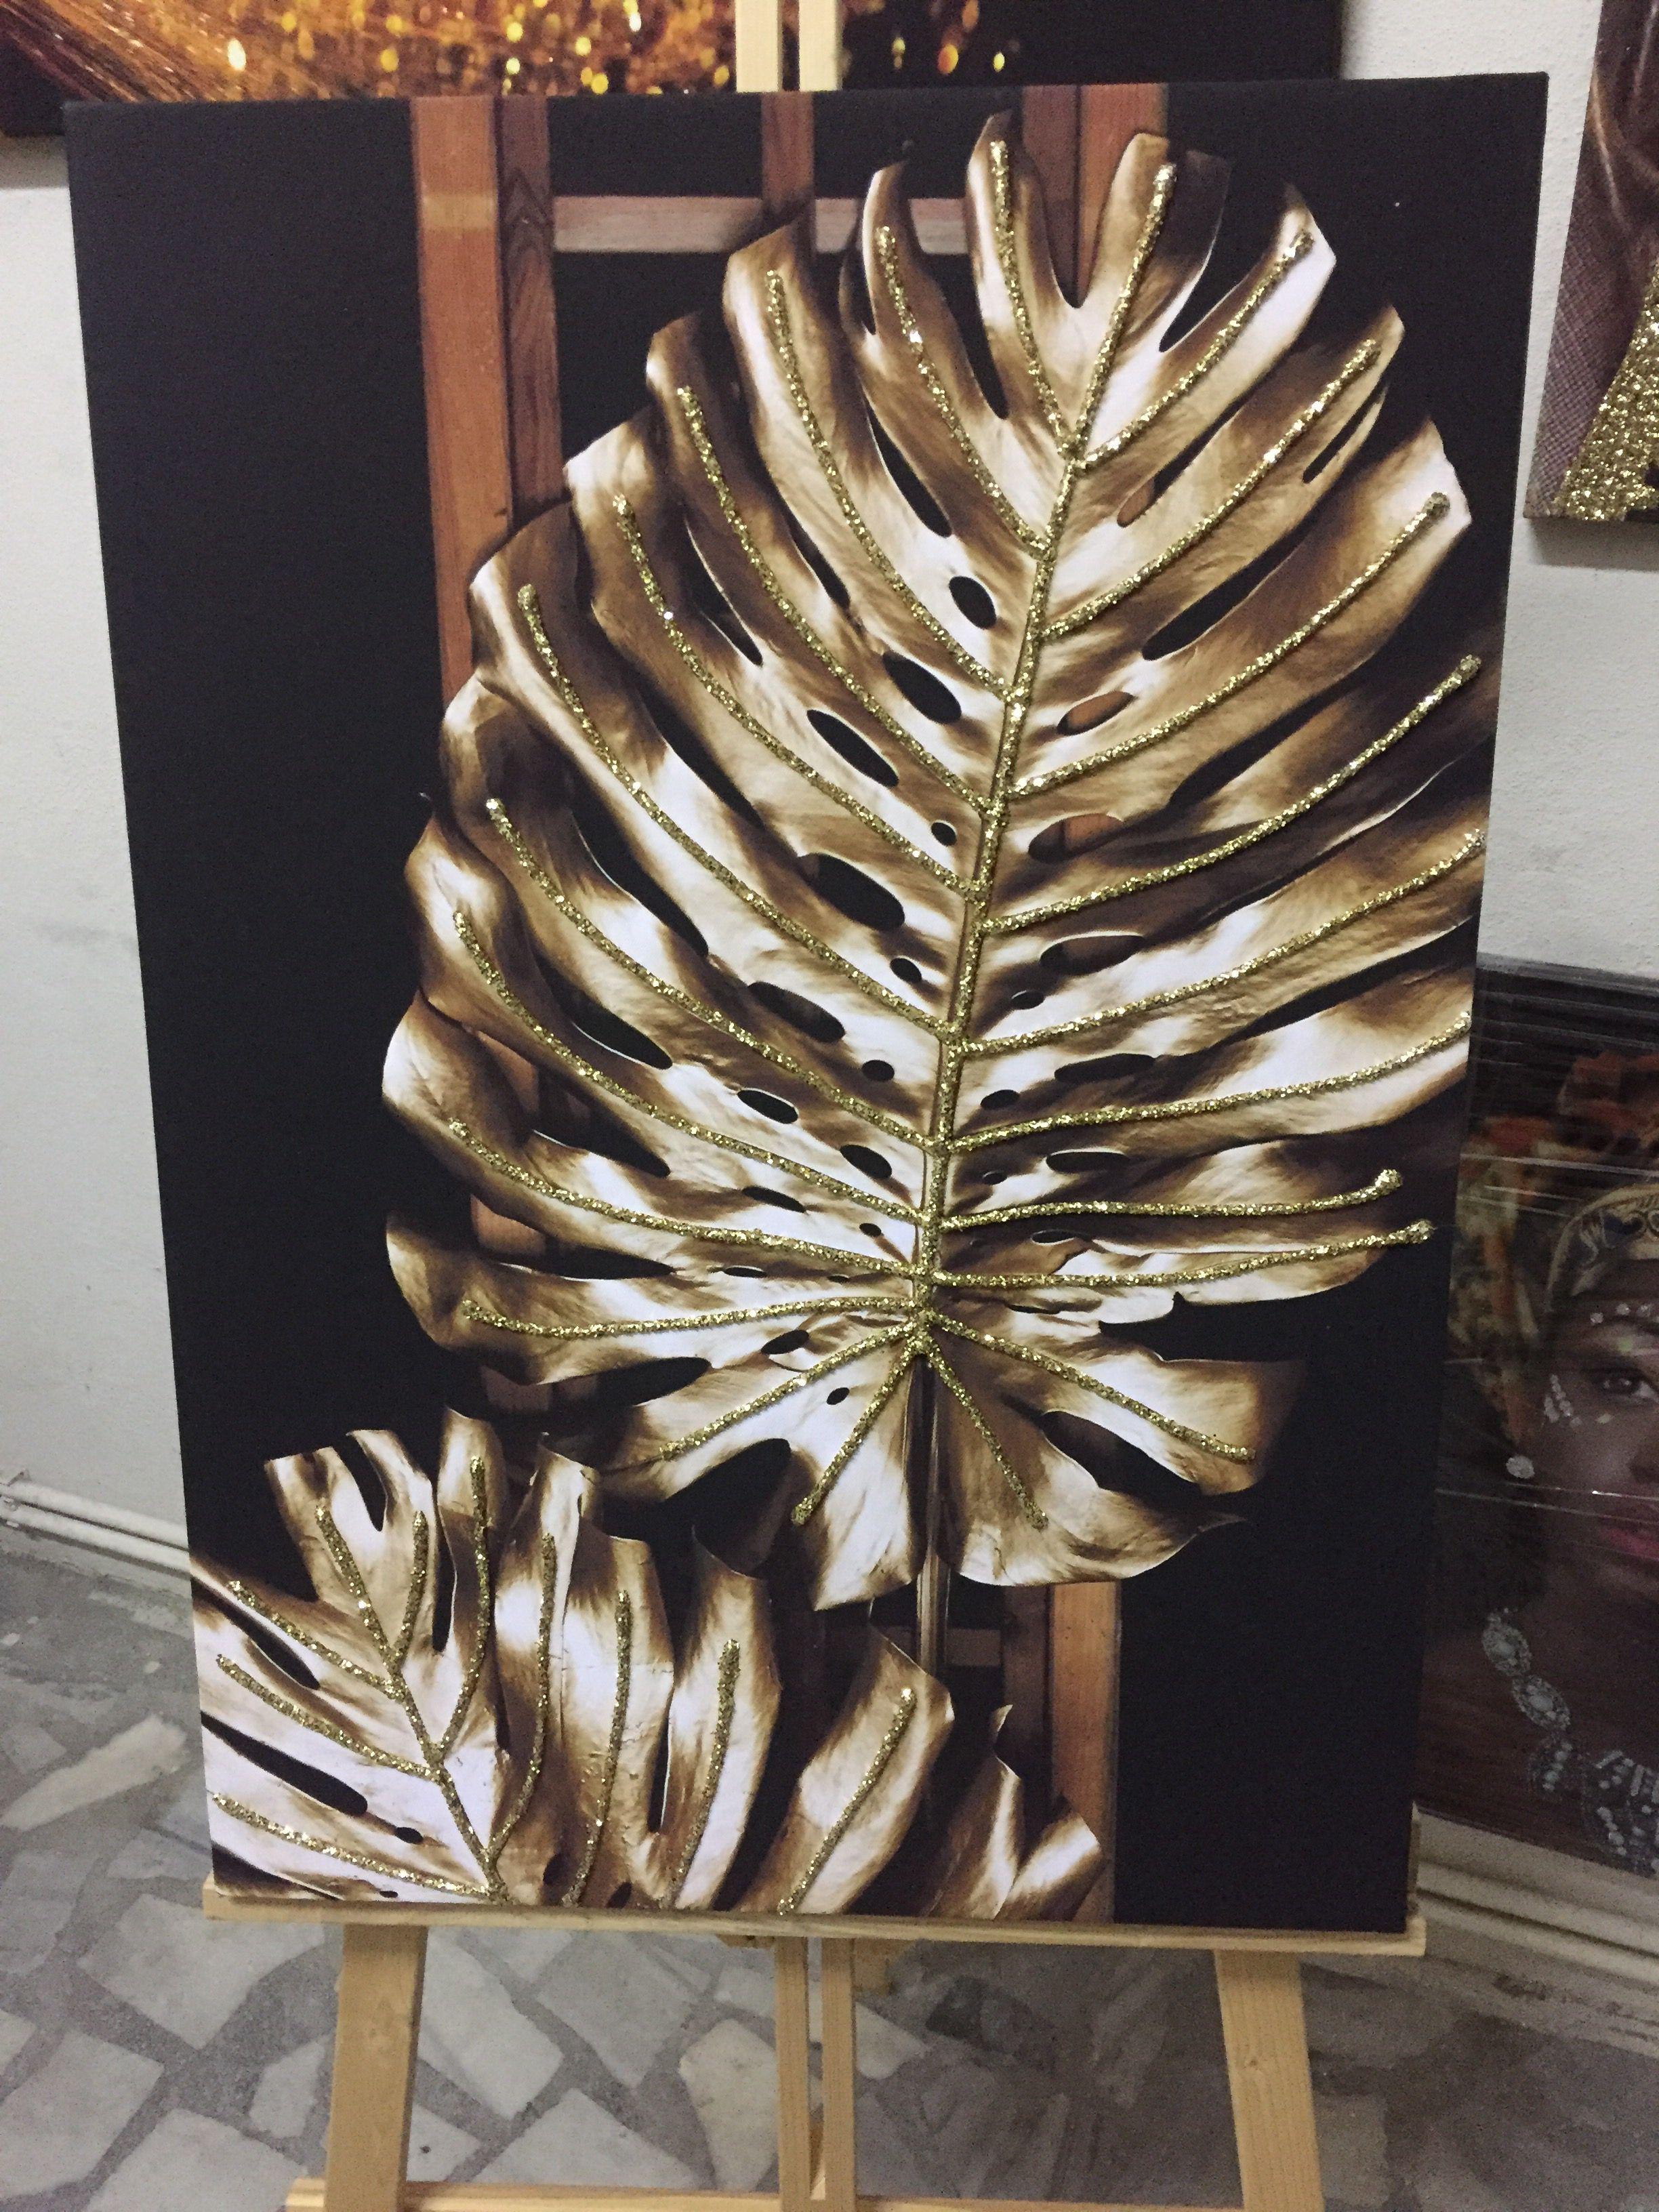 Sim Islemeli Yaprak Model Kanvas Tablo Tablolar Dekor Ic Tasarim